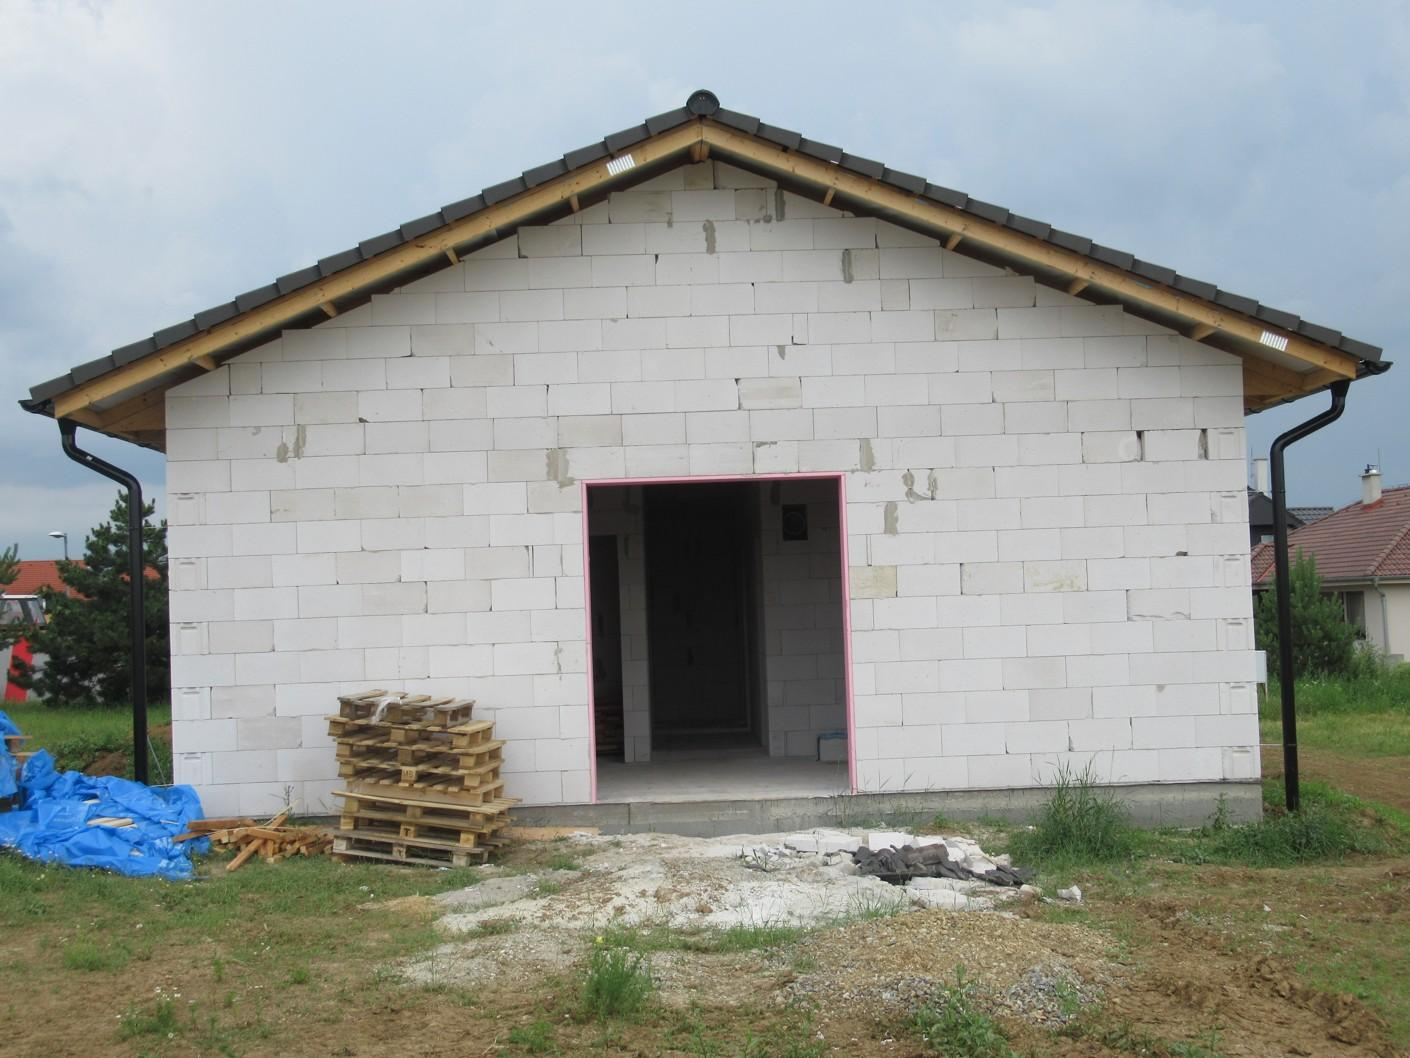 Väzníková strecha na kľúč s krytinou Terran Danubia Colorsystém Antracit Klasov okr. Nitra - Obrázok č. 4